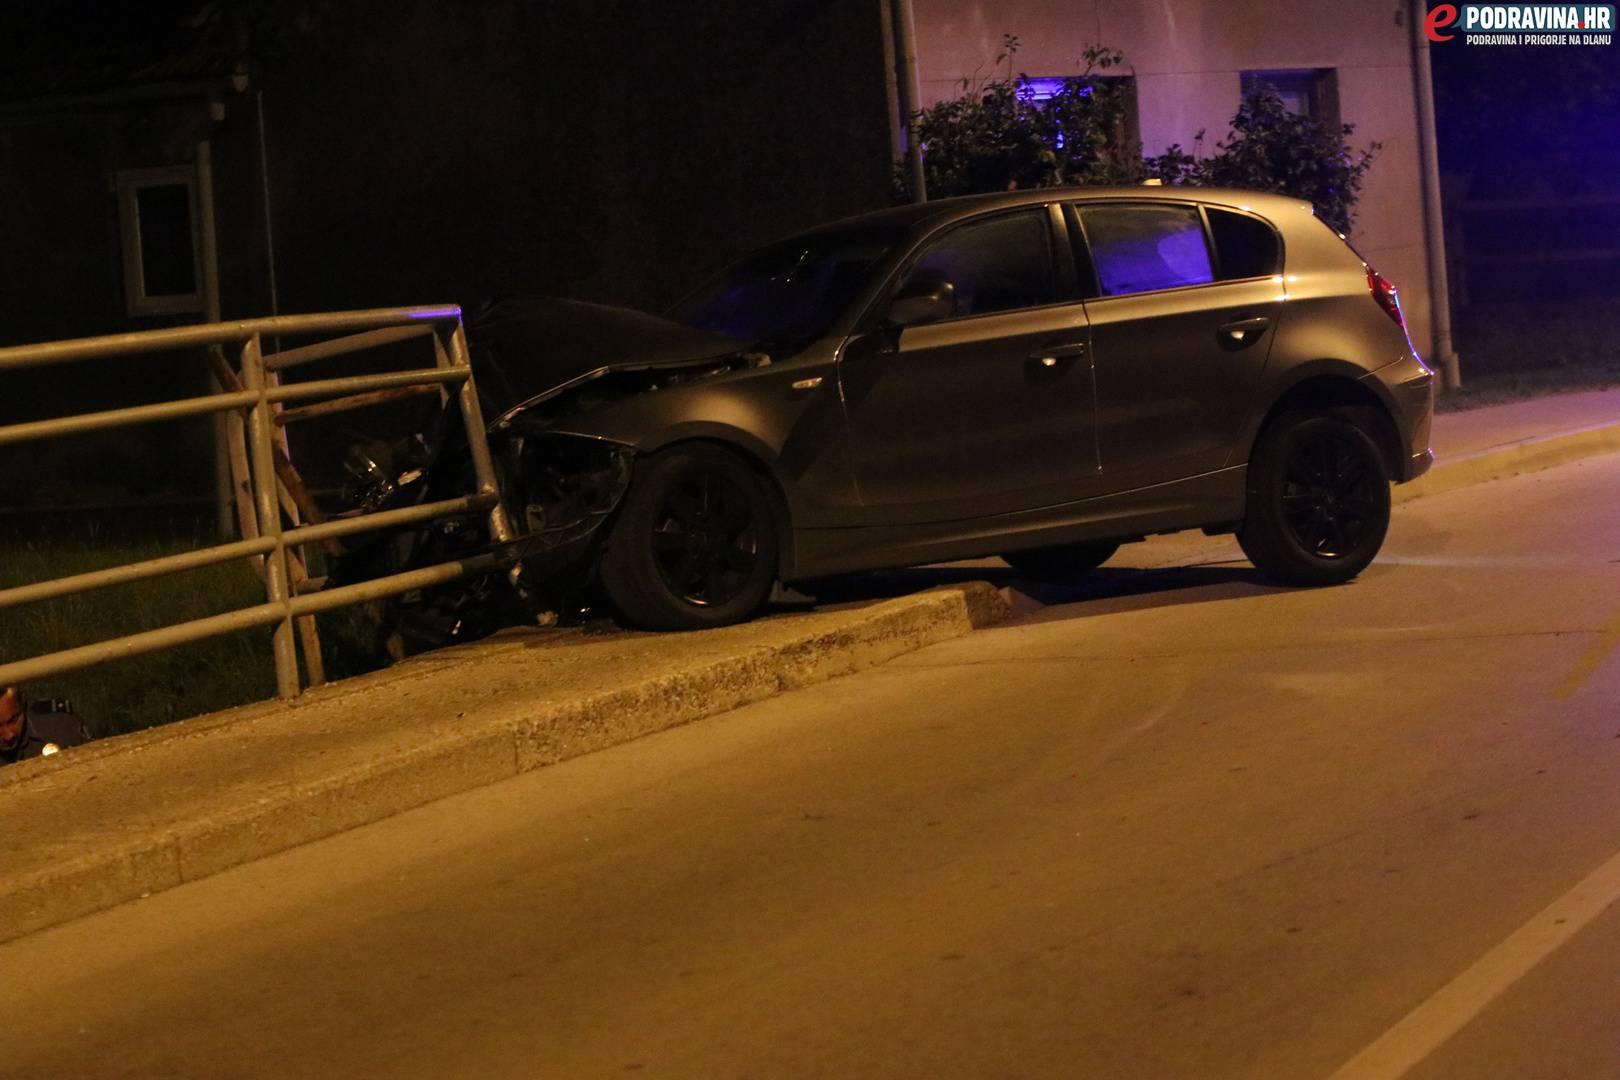 Smrskao BMW i most: Lakše je ozlijeđen, izgubio je kontrolu...